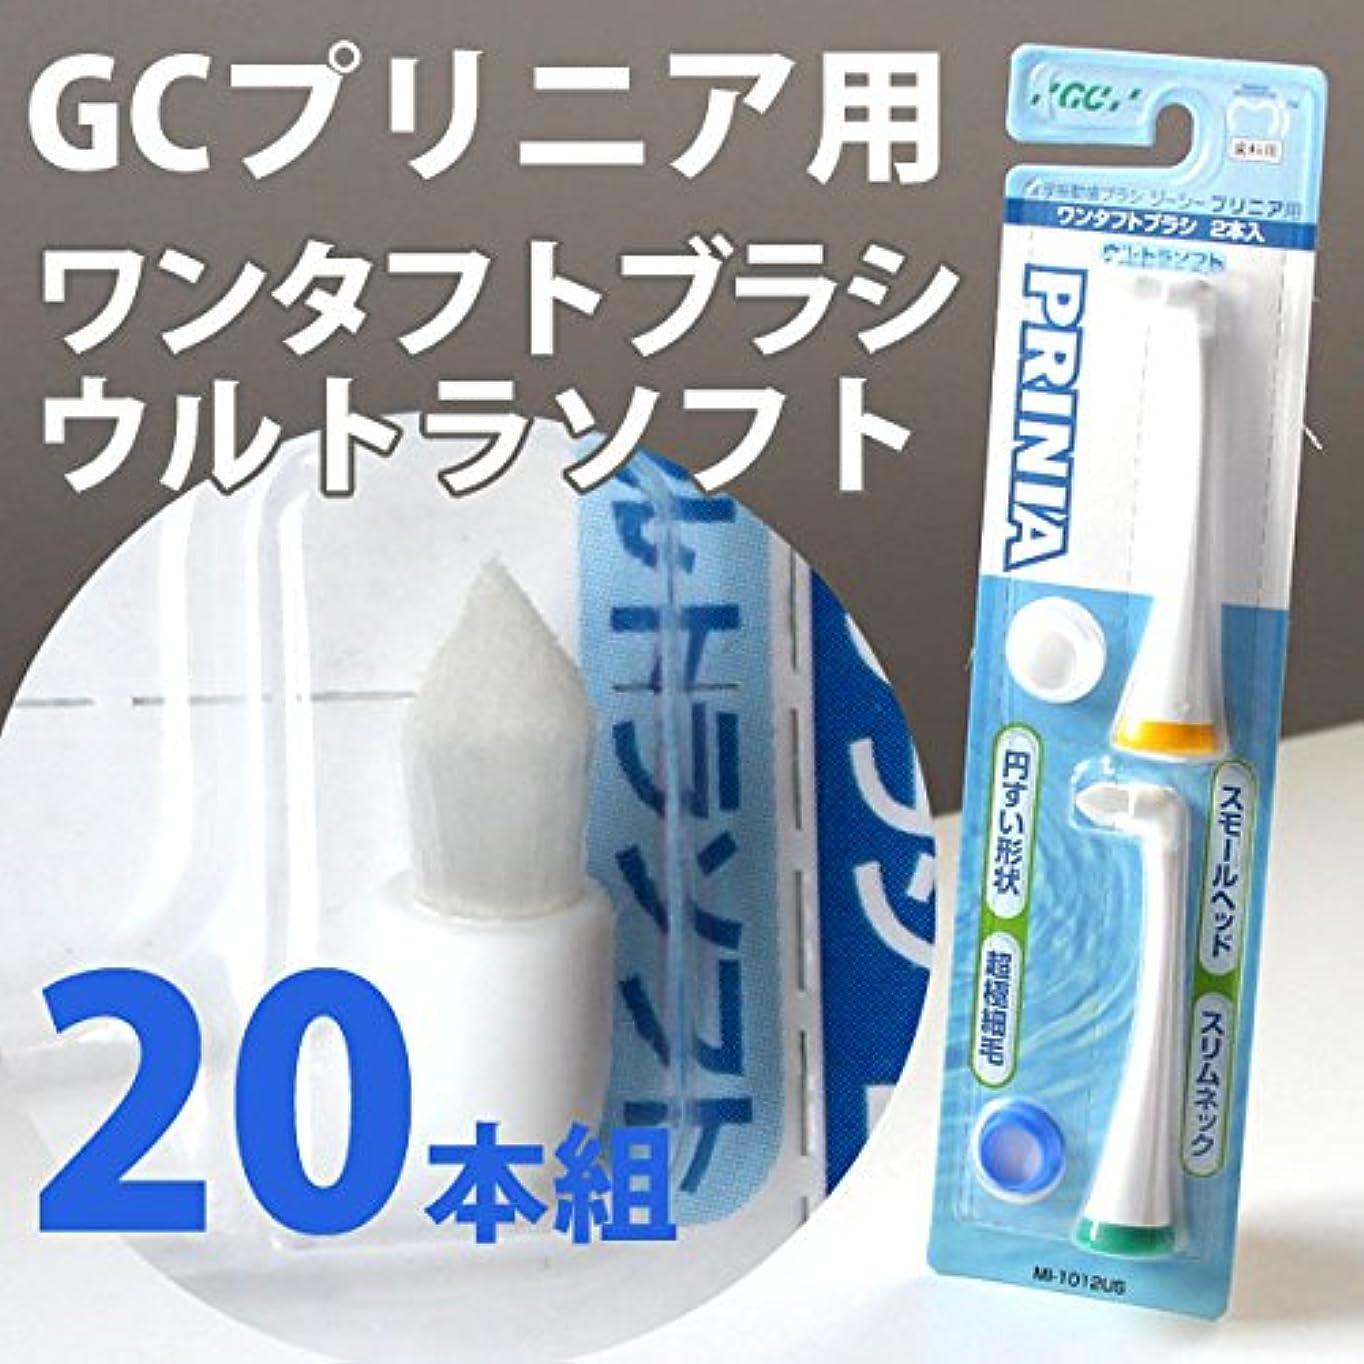 欠かせない乳白解決するプリニア ワンタフト GC 音波振動歯ブラシ プリニアスリム 替えブラシ ブラシ(ウルトラソフト) 10セットル便